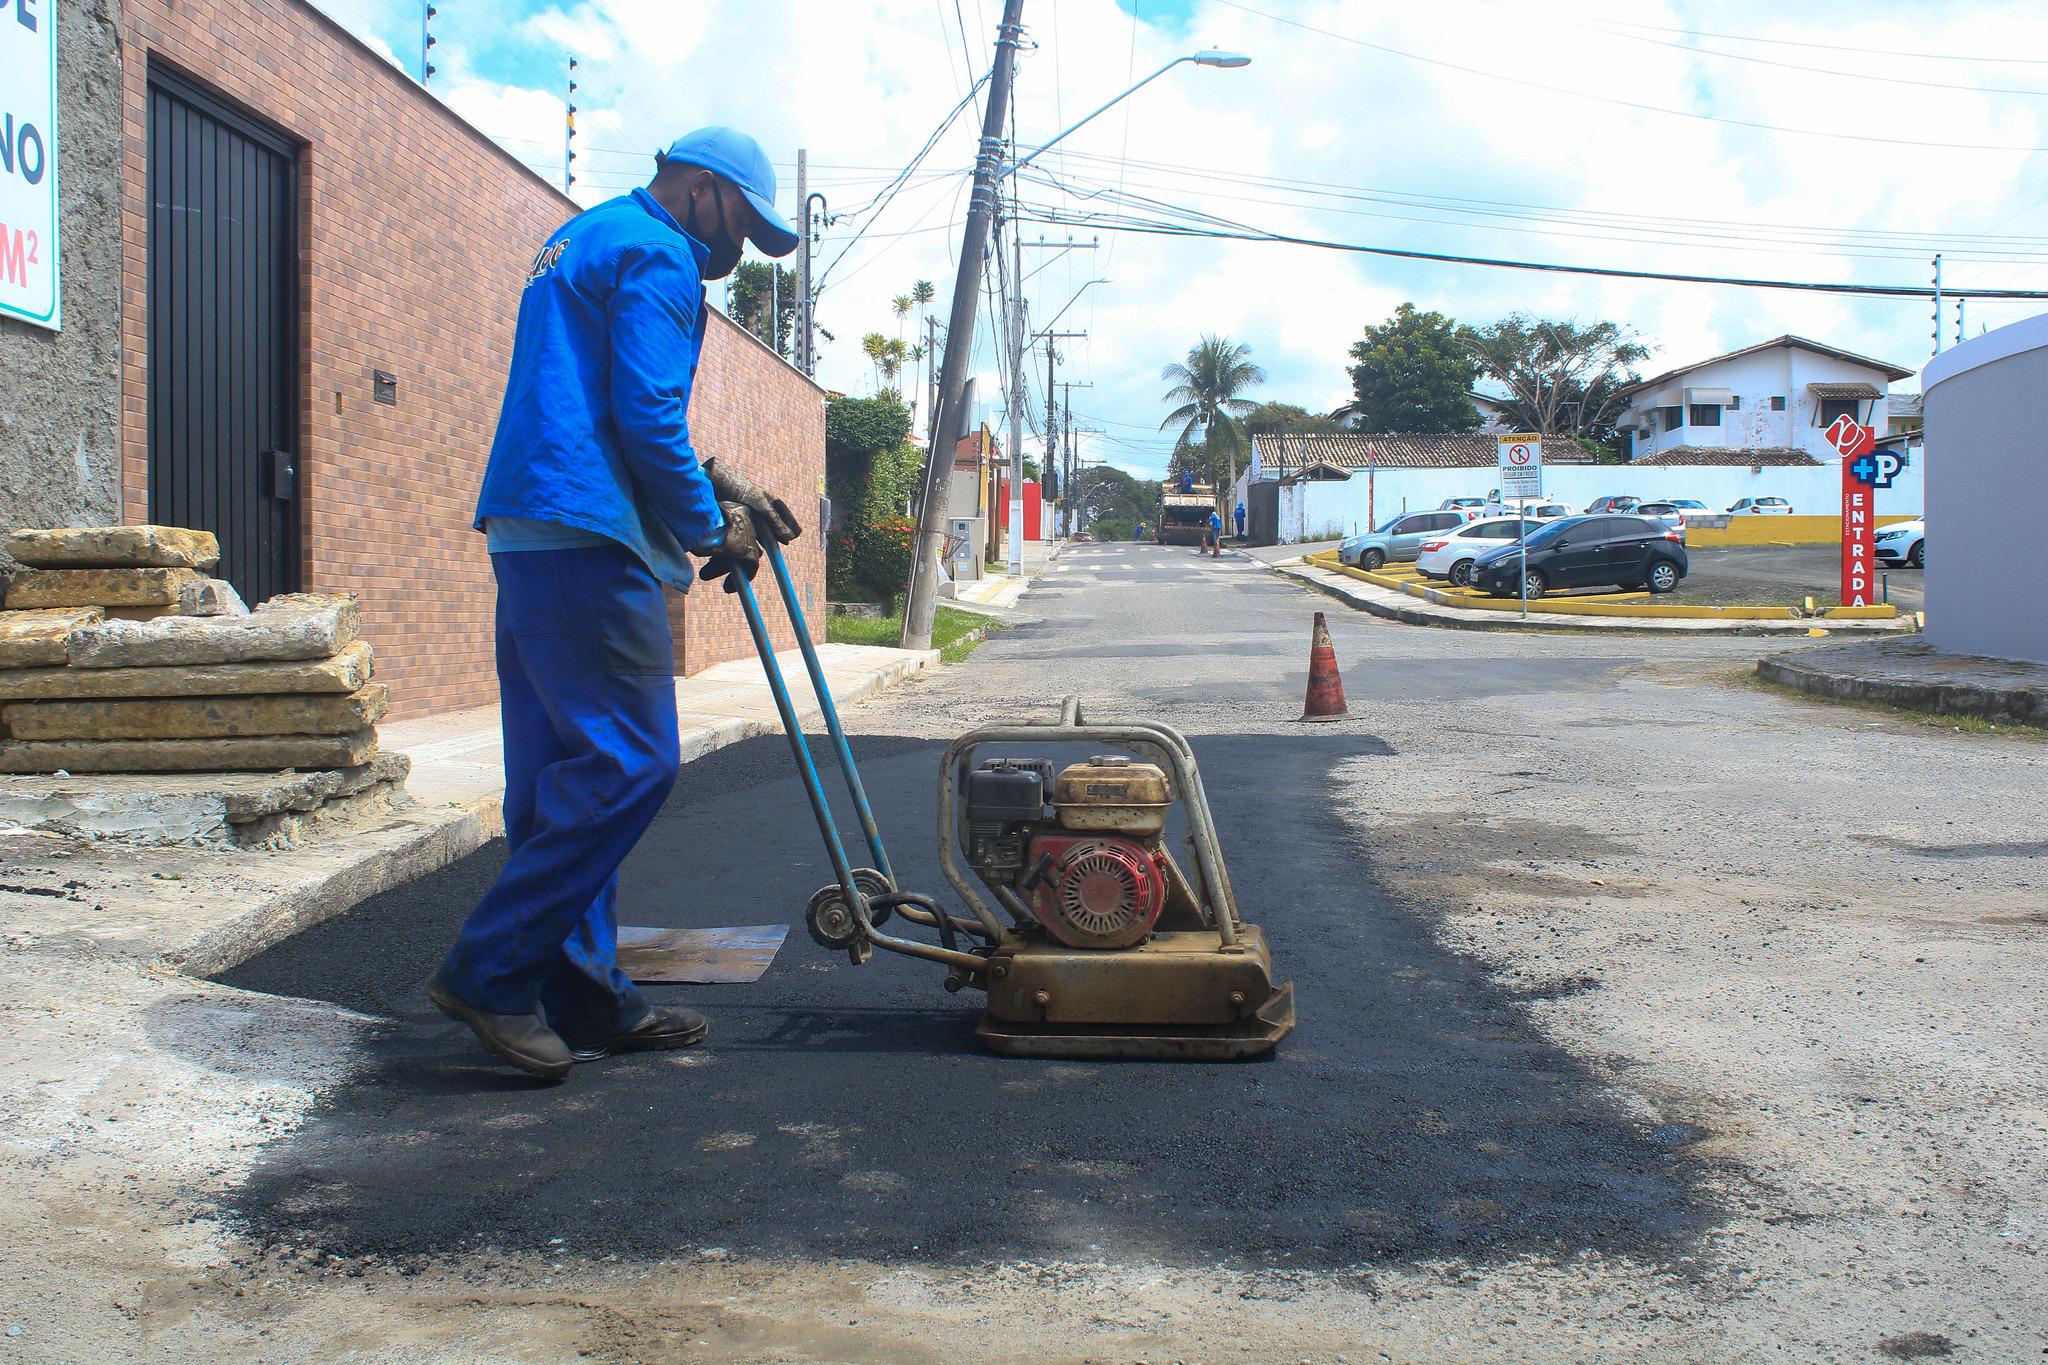 Com diminuição das chuvas, Operação Tapa-buracos segue levando melhorias aos bairros de Lauro de Freitas